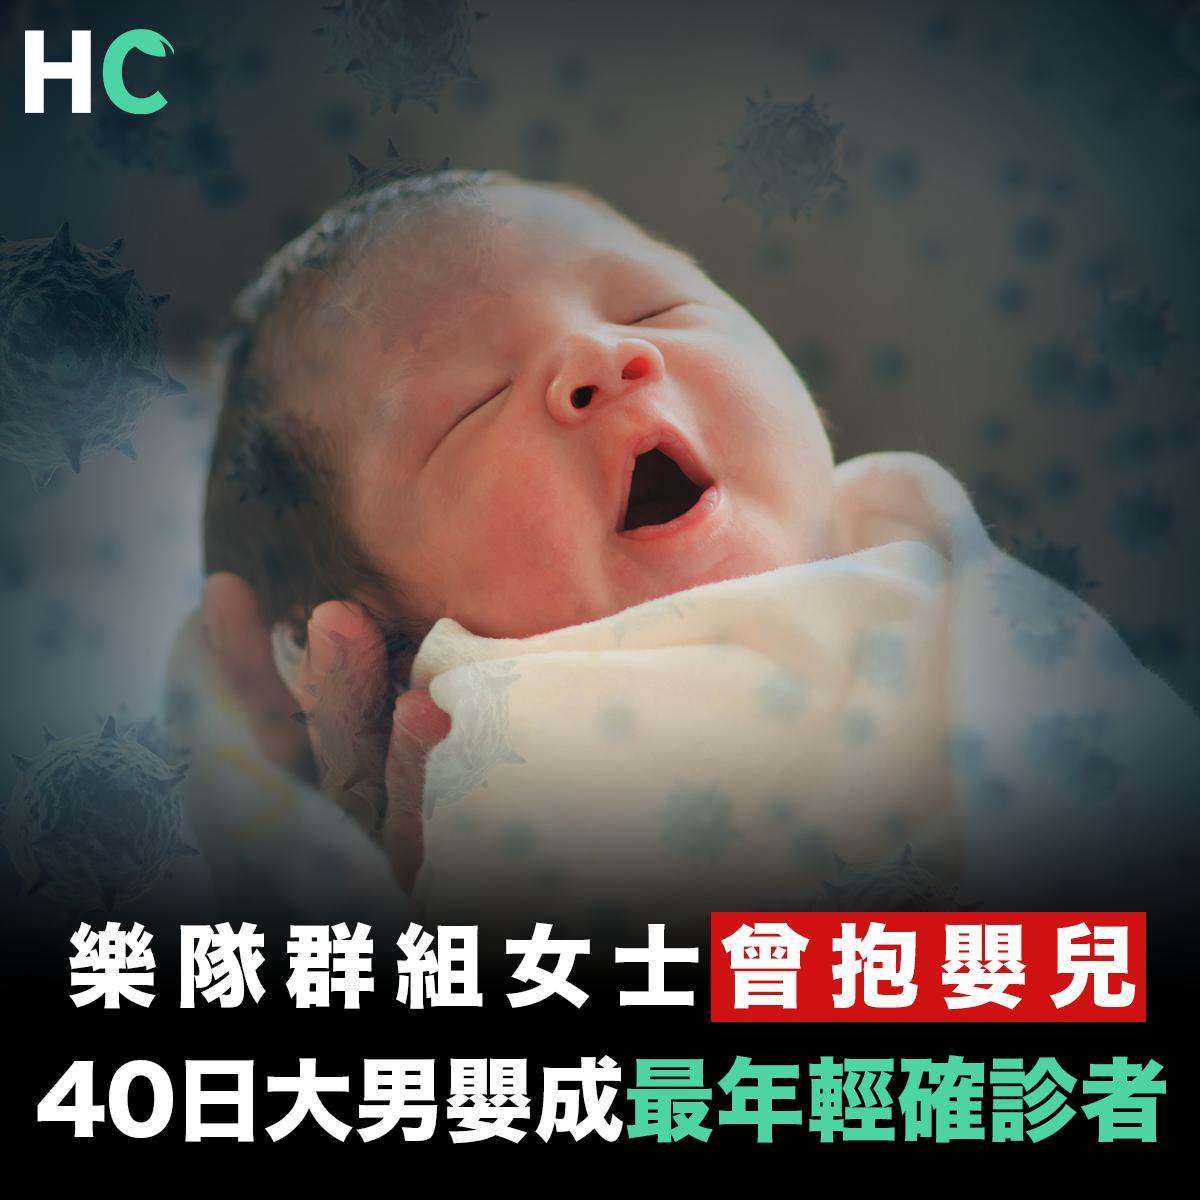 【#武漢肺炎】樂隊群組女士曾抱嬰兒 40日大男嬰成最年輕確診者